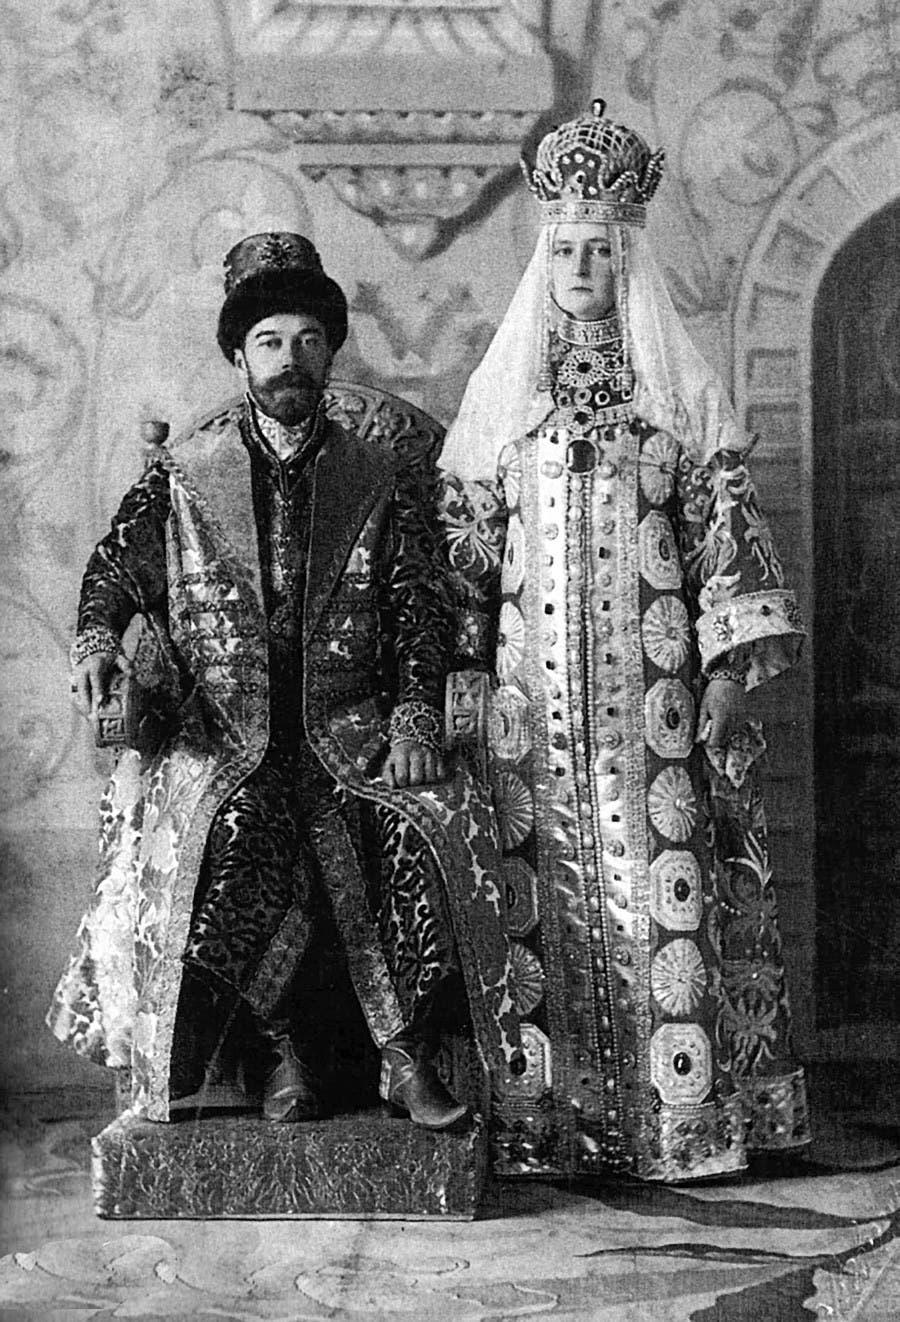 القيصر نيقولا الثاني وزوجته ألكسندرا